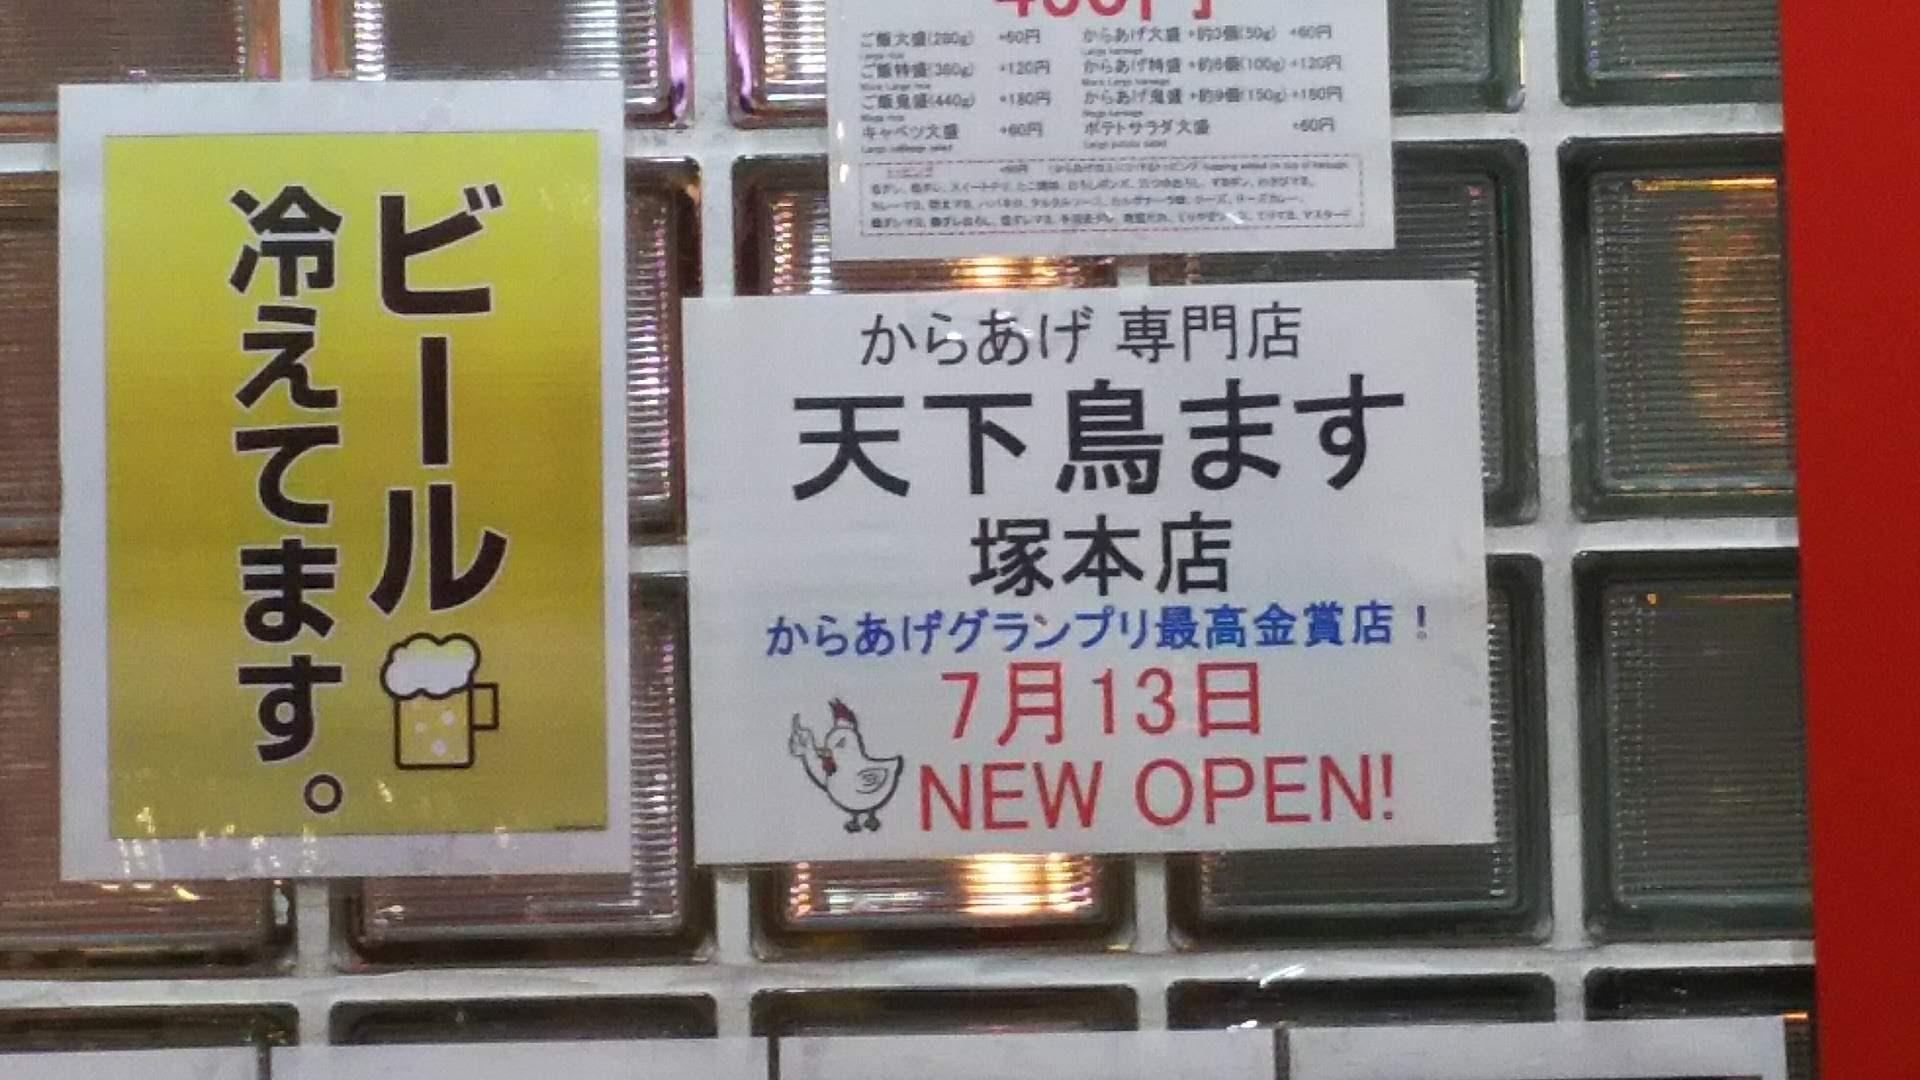 天下鳥ます 塚本店 NEW OPENの お知らせ